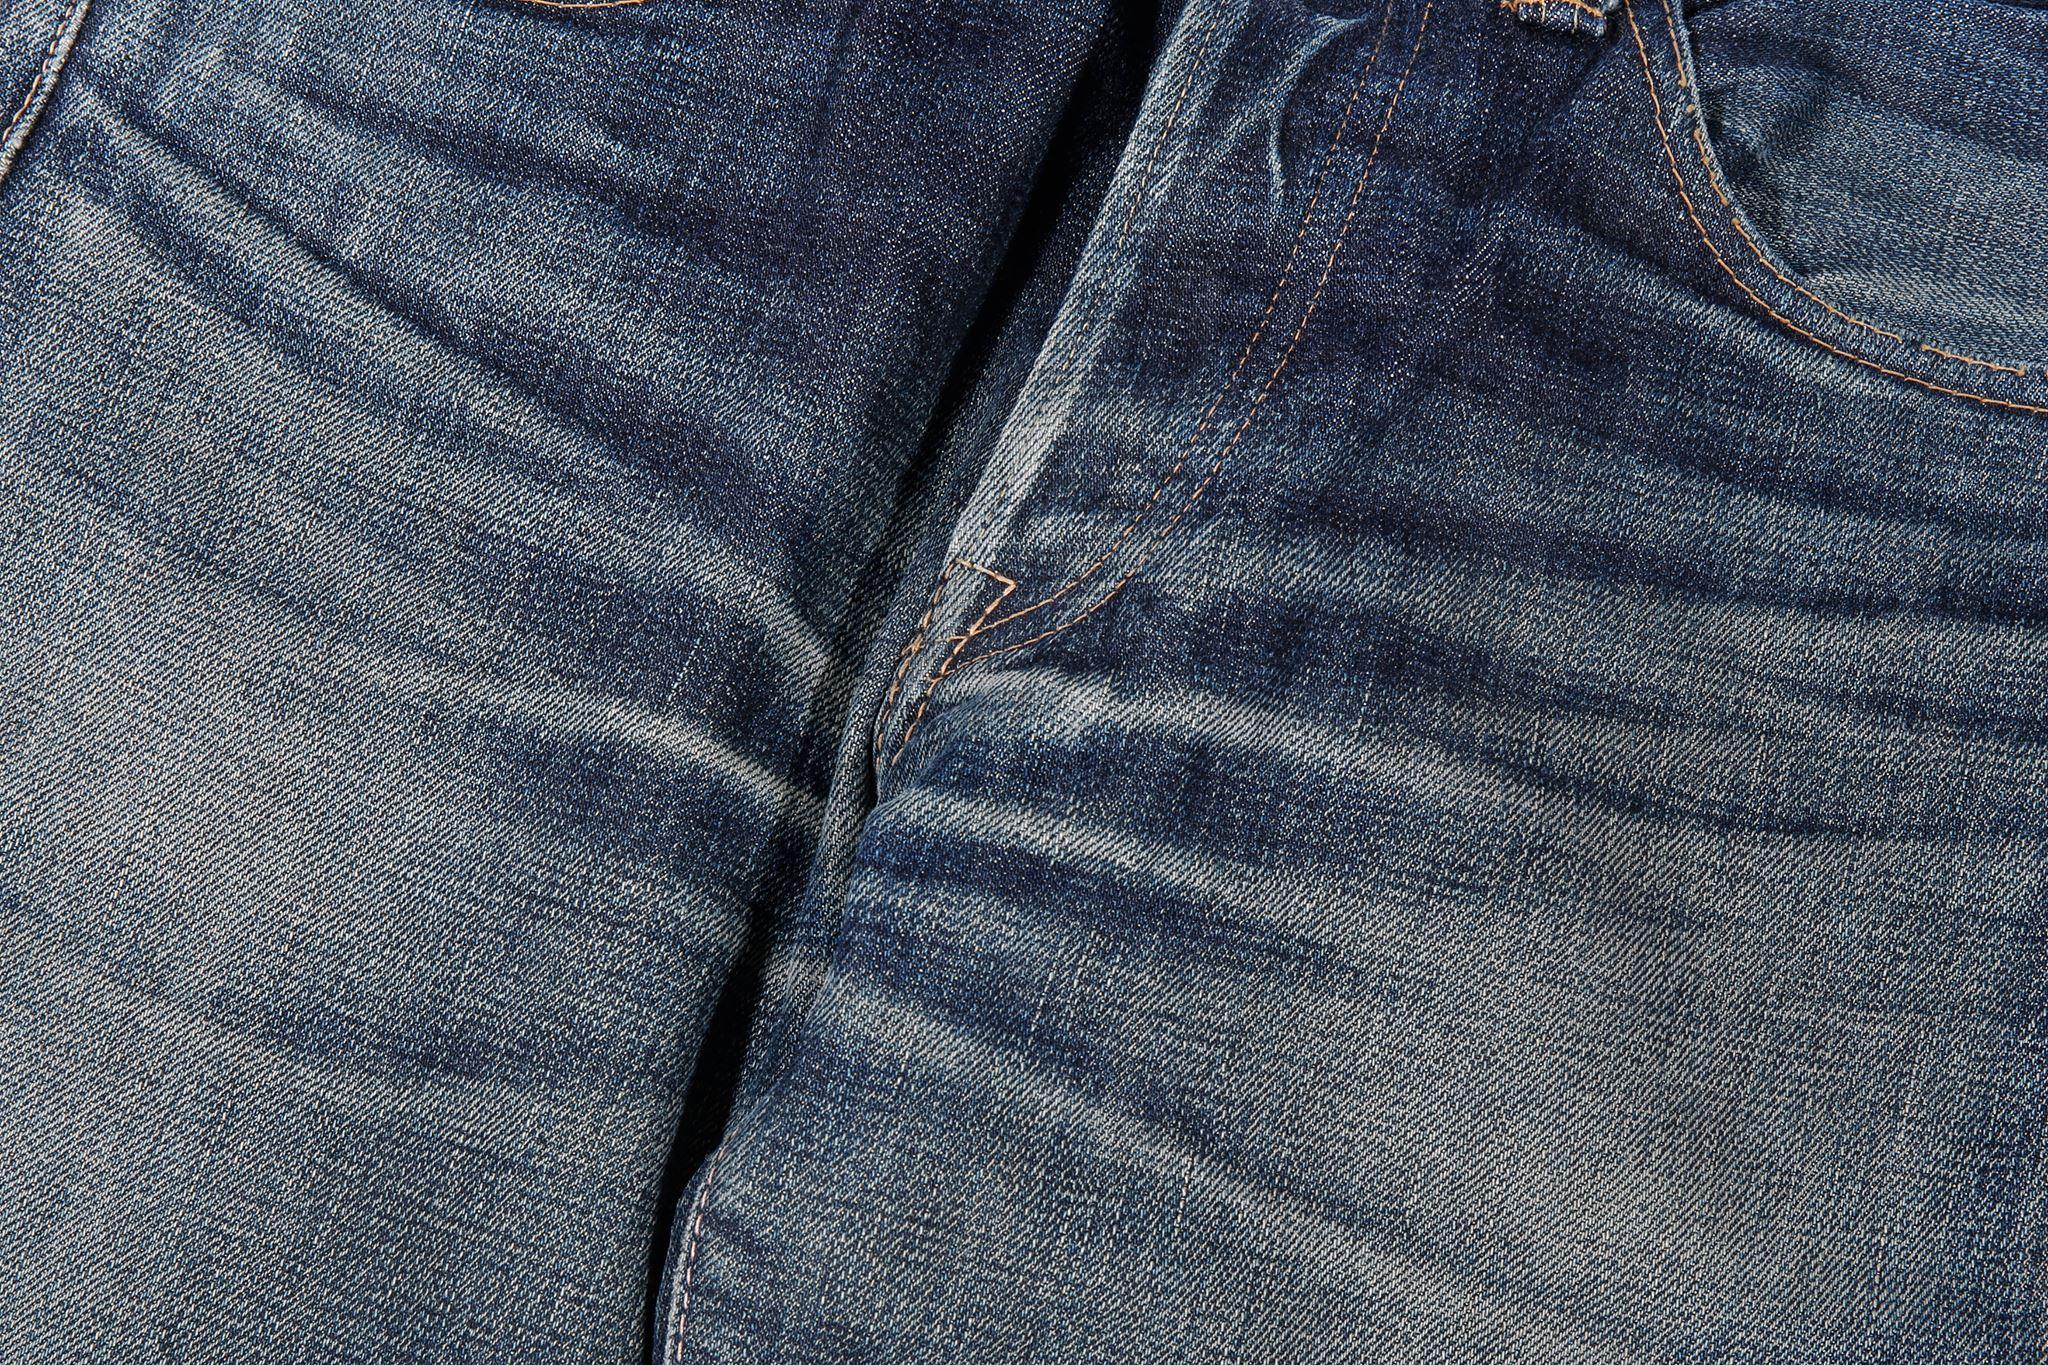 %e6%97%a5%e7%89%9b%e9%a4%8a%e6%88%90%e5%a4%a7%e5%8b%9f%e9%9b%86_momotaro-jeans_0705sp_%e5%8a%89%e9%81%94%e7%be%a9_15